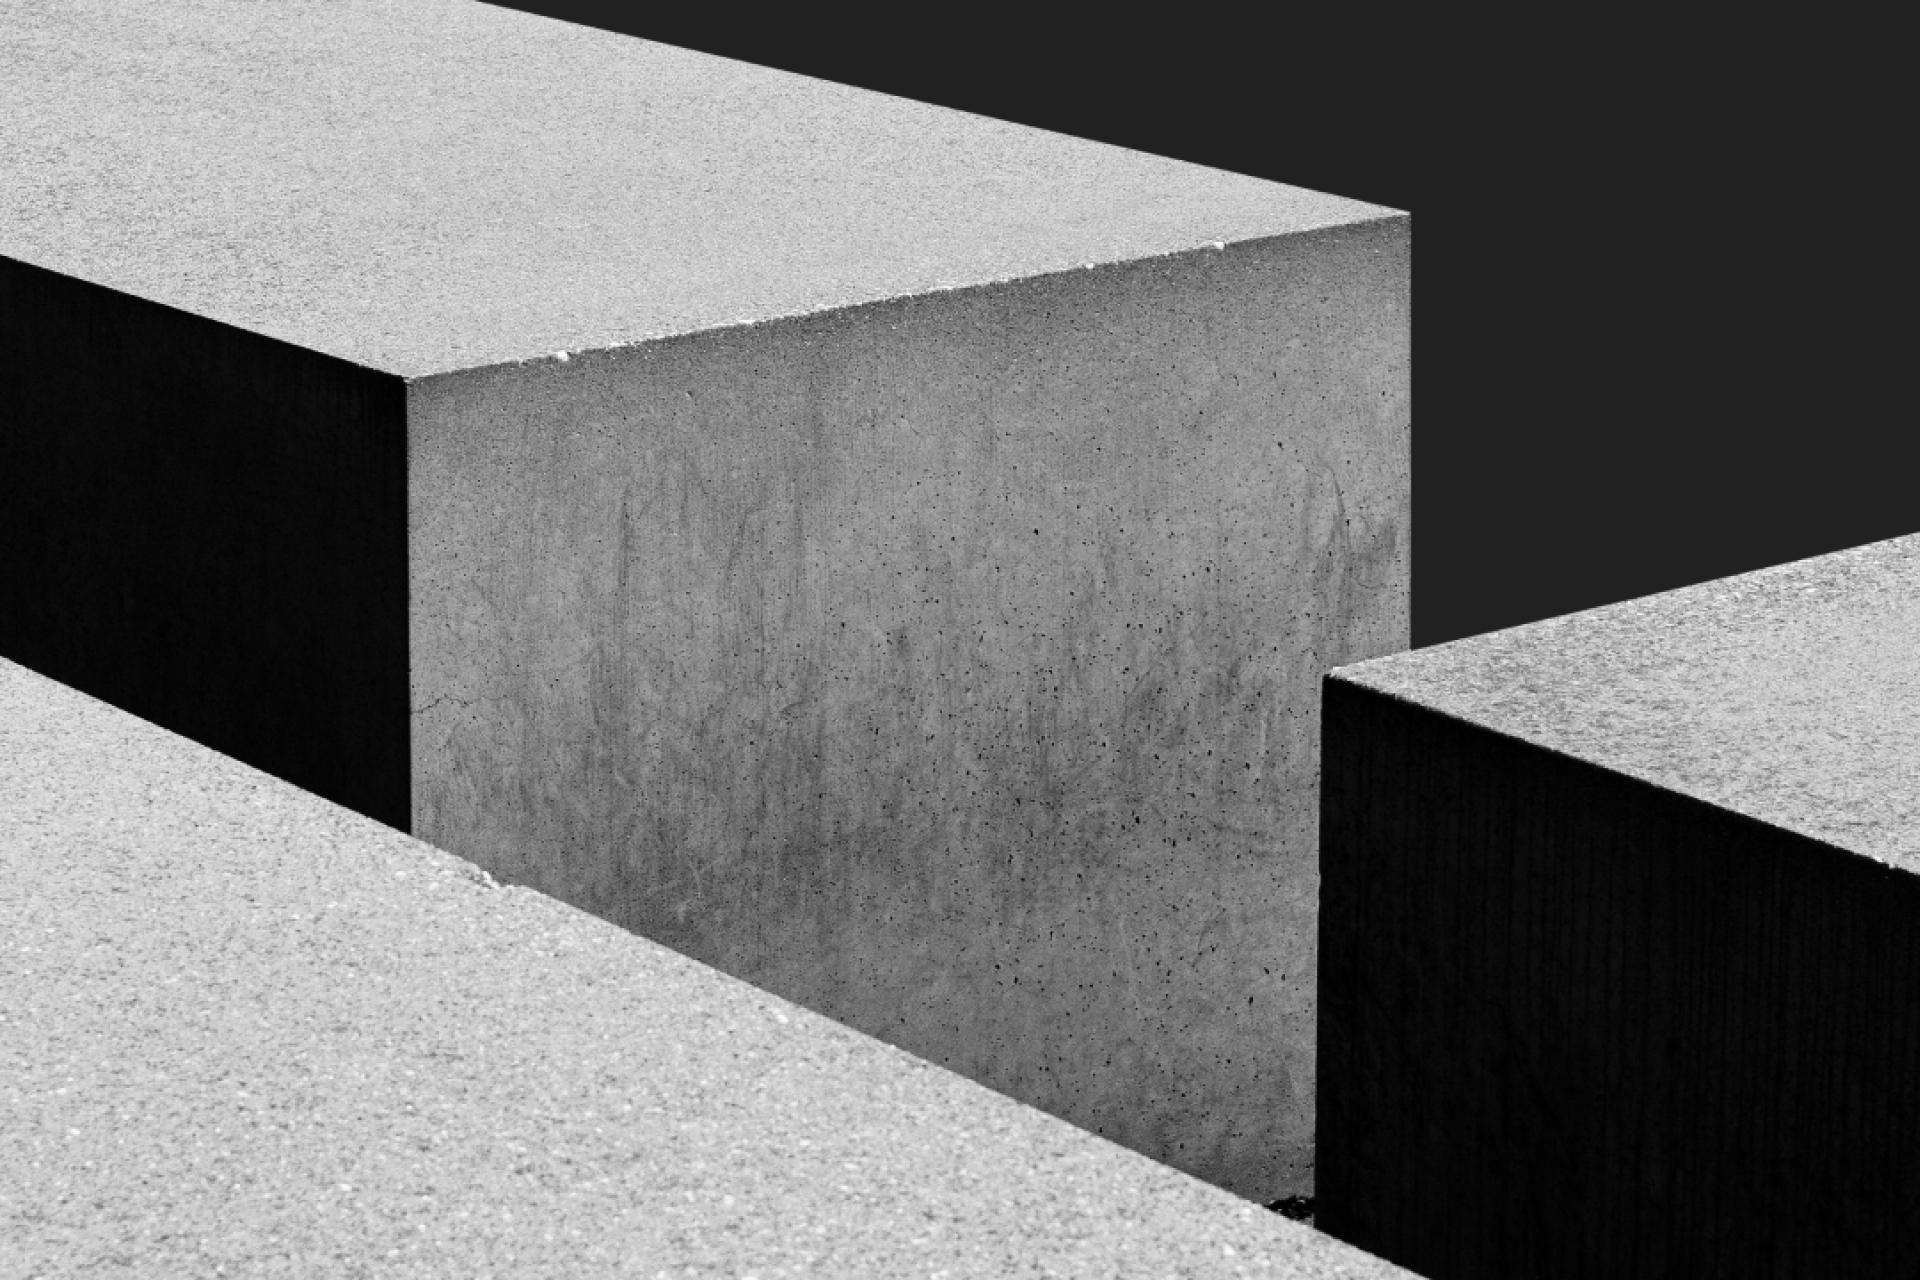 Concrete crack detection algorithm